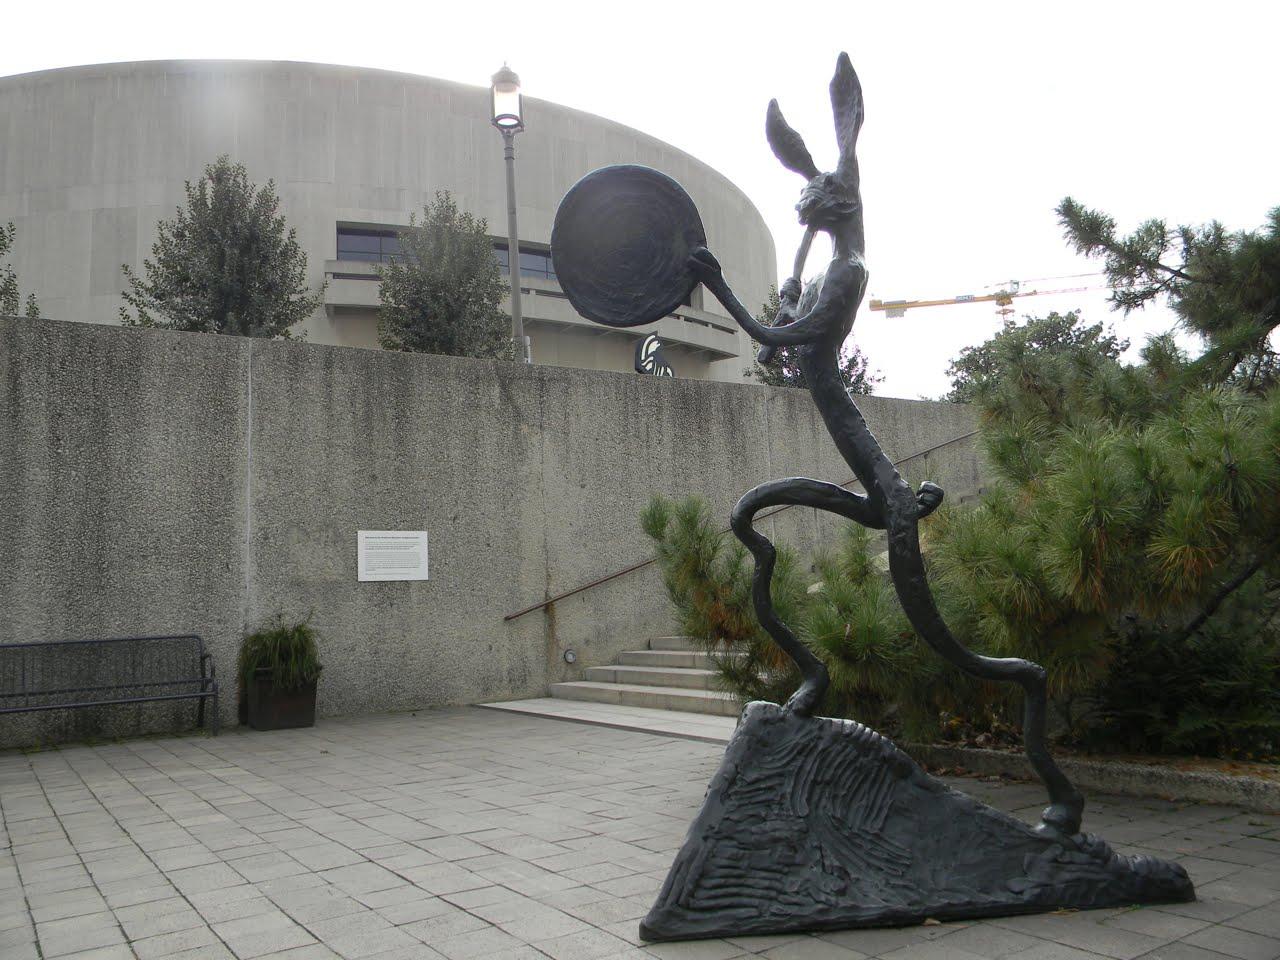 Artifacts hirshhorn museum sculpture garden washington d c - Hirshhorn museum sculpture garden ...